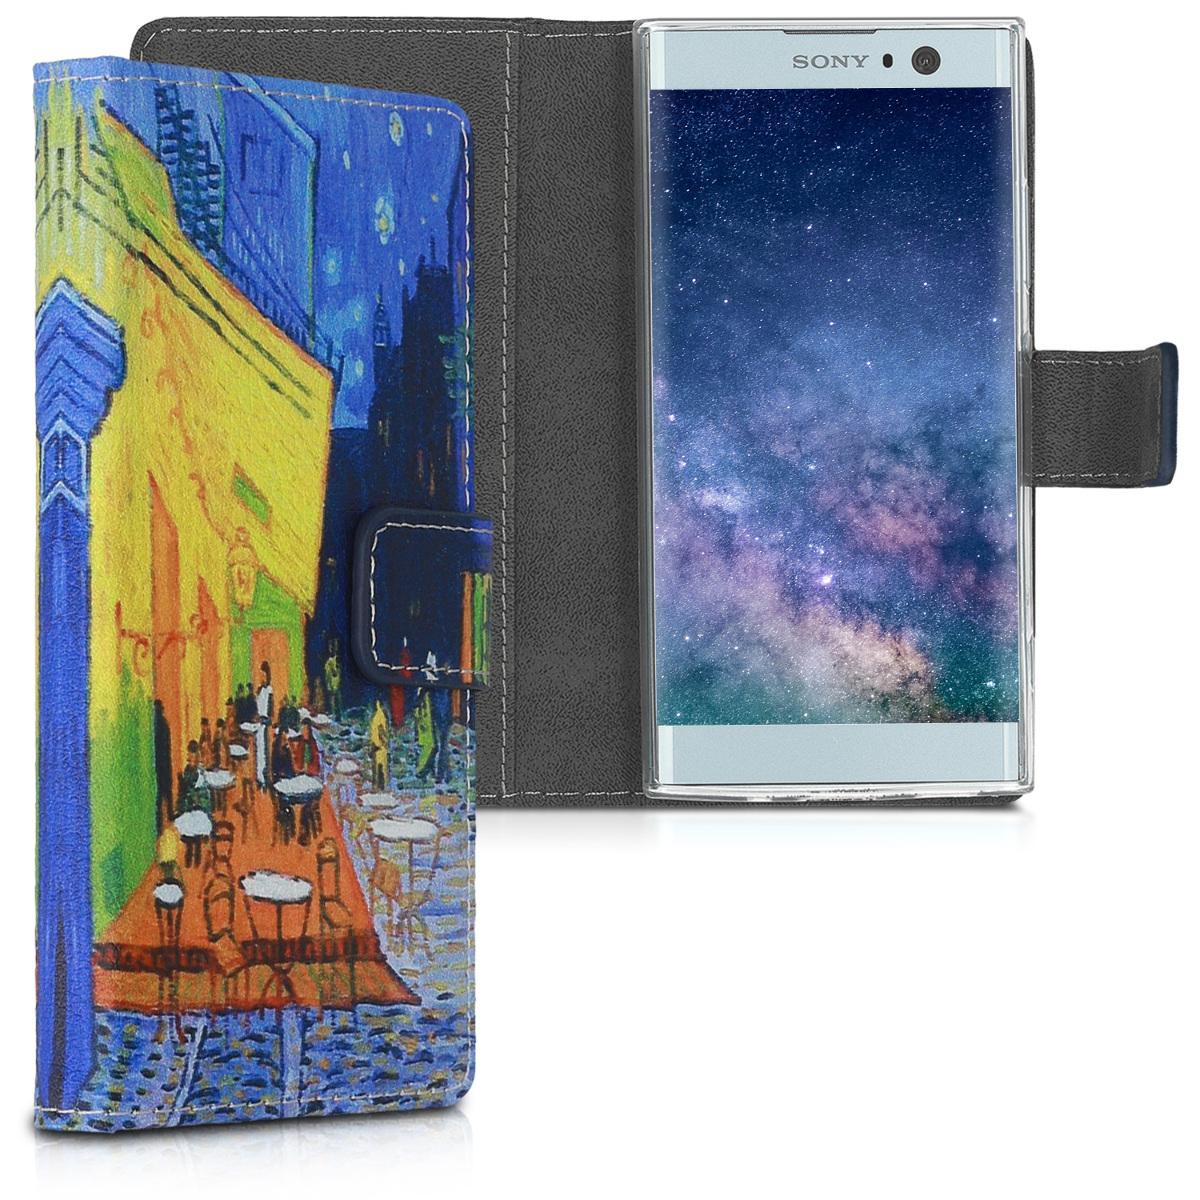 KW Θήκη Sony Xperia XA2 - Blue / Yellow / Orange (44294.07)